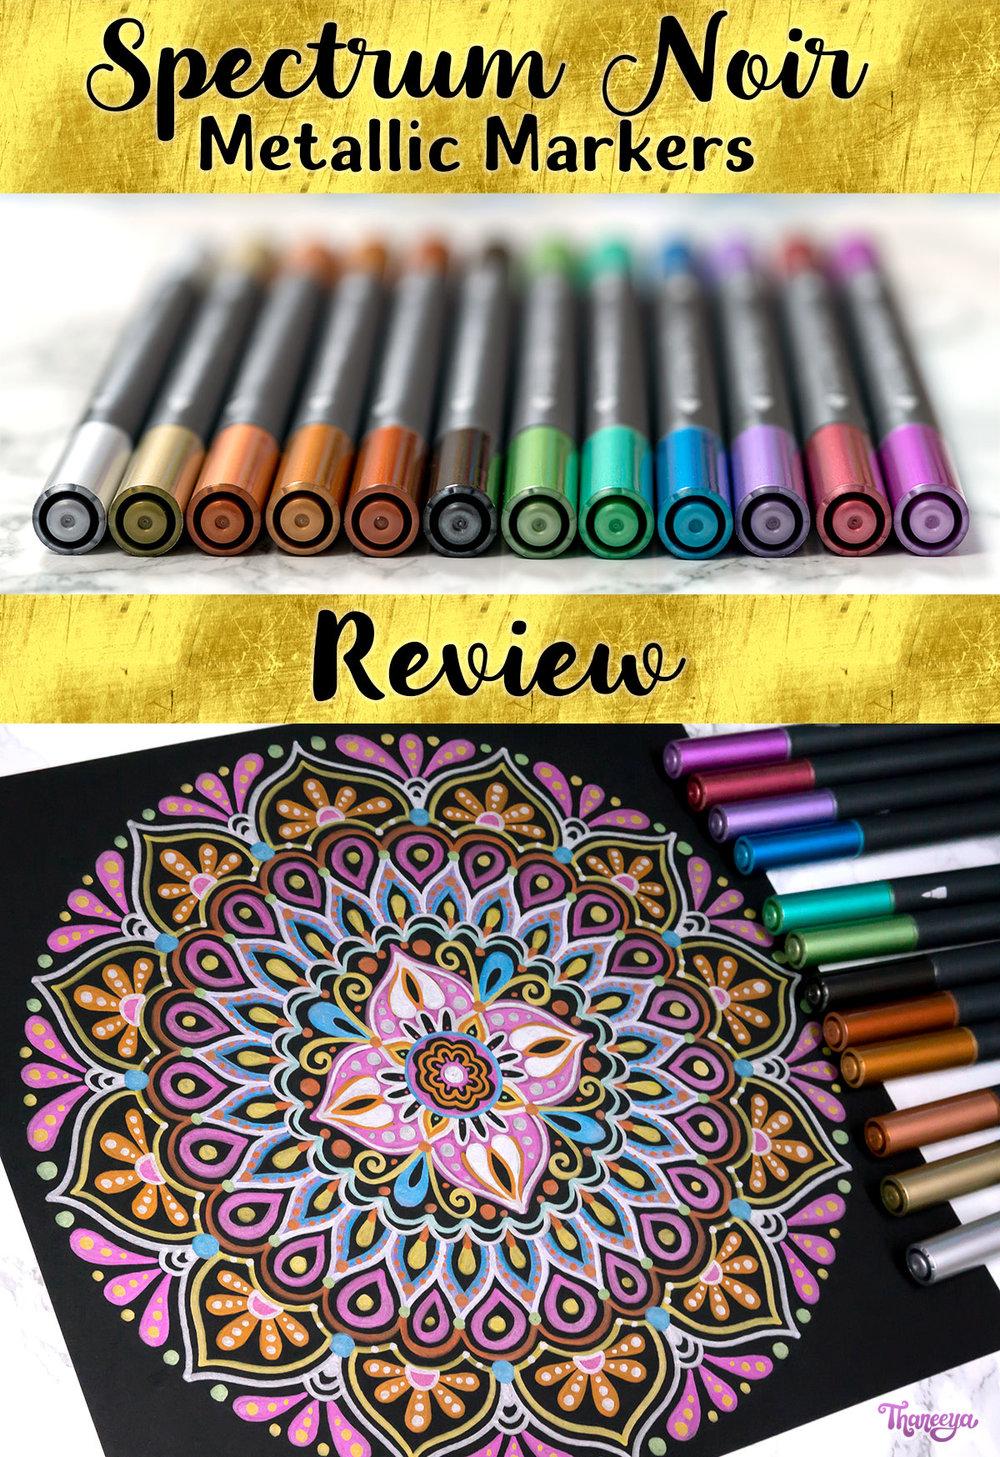 Spectrum Noir Metallic Markers Review on Art-is-Fun.com